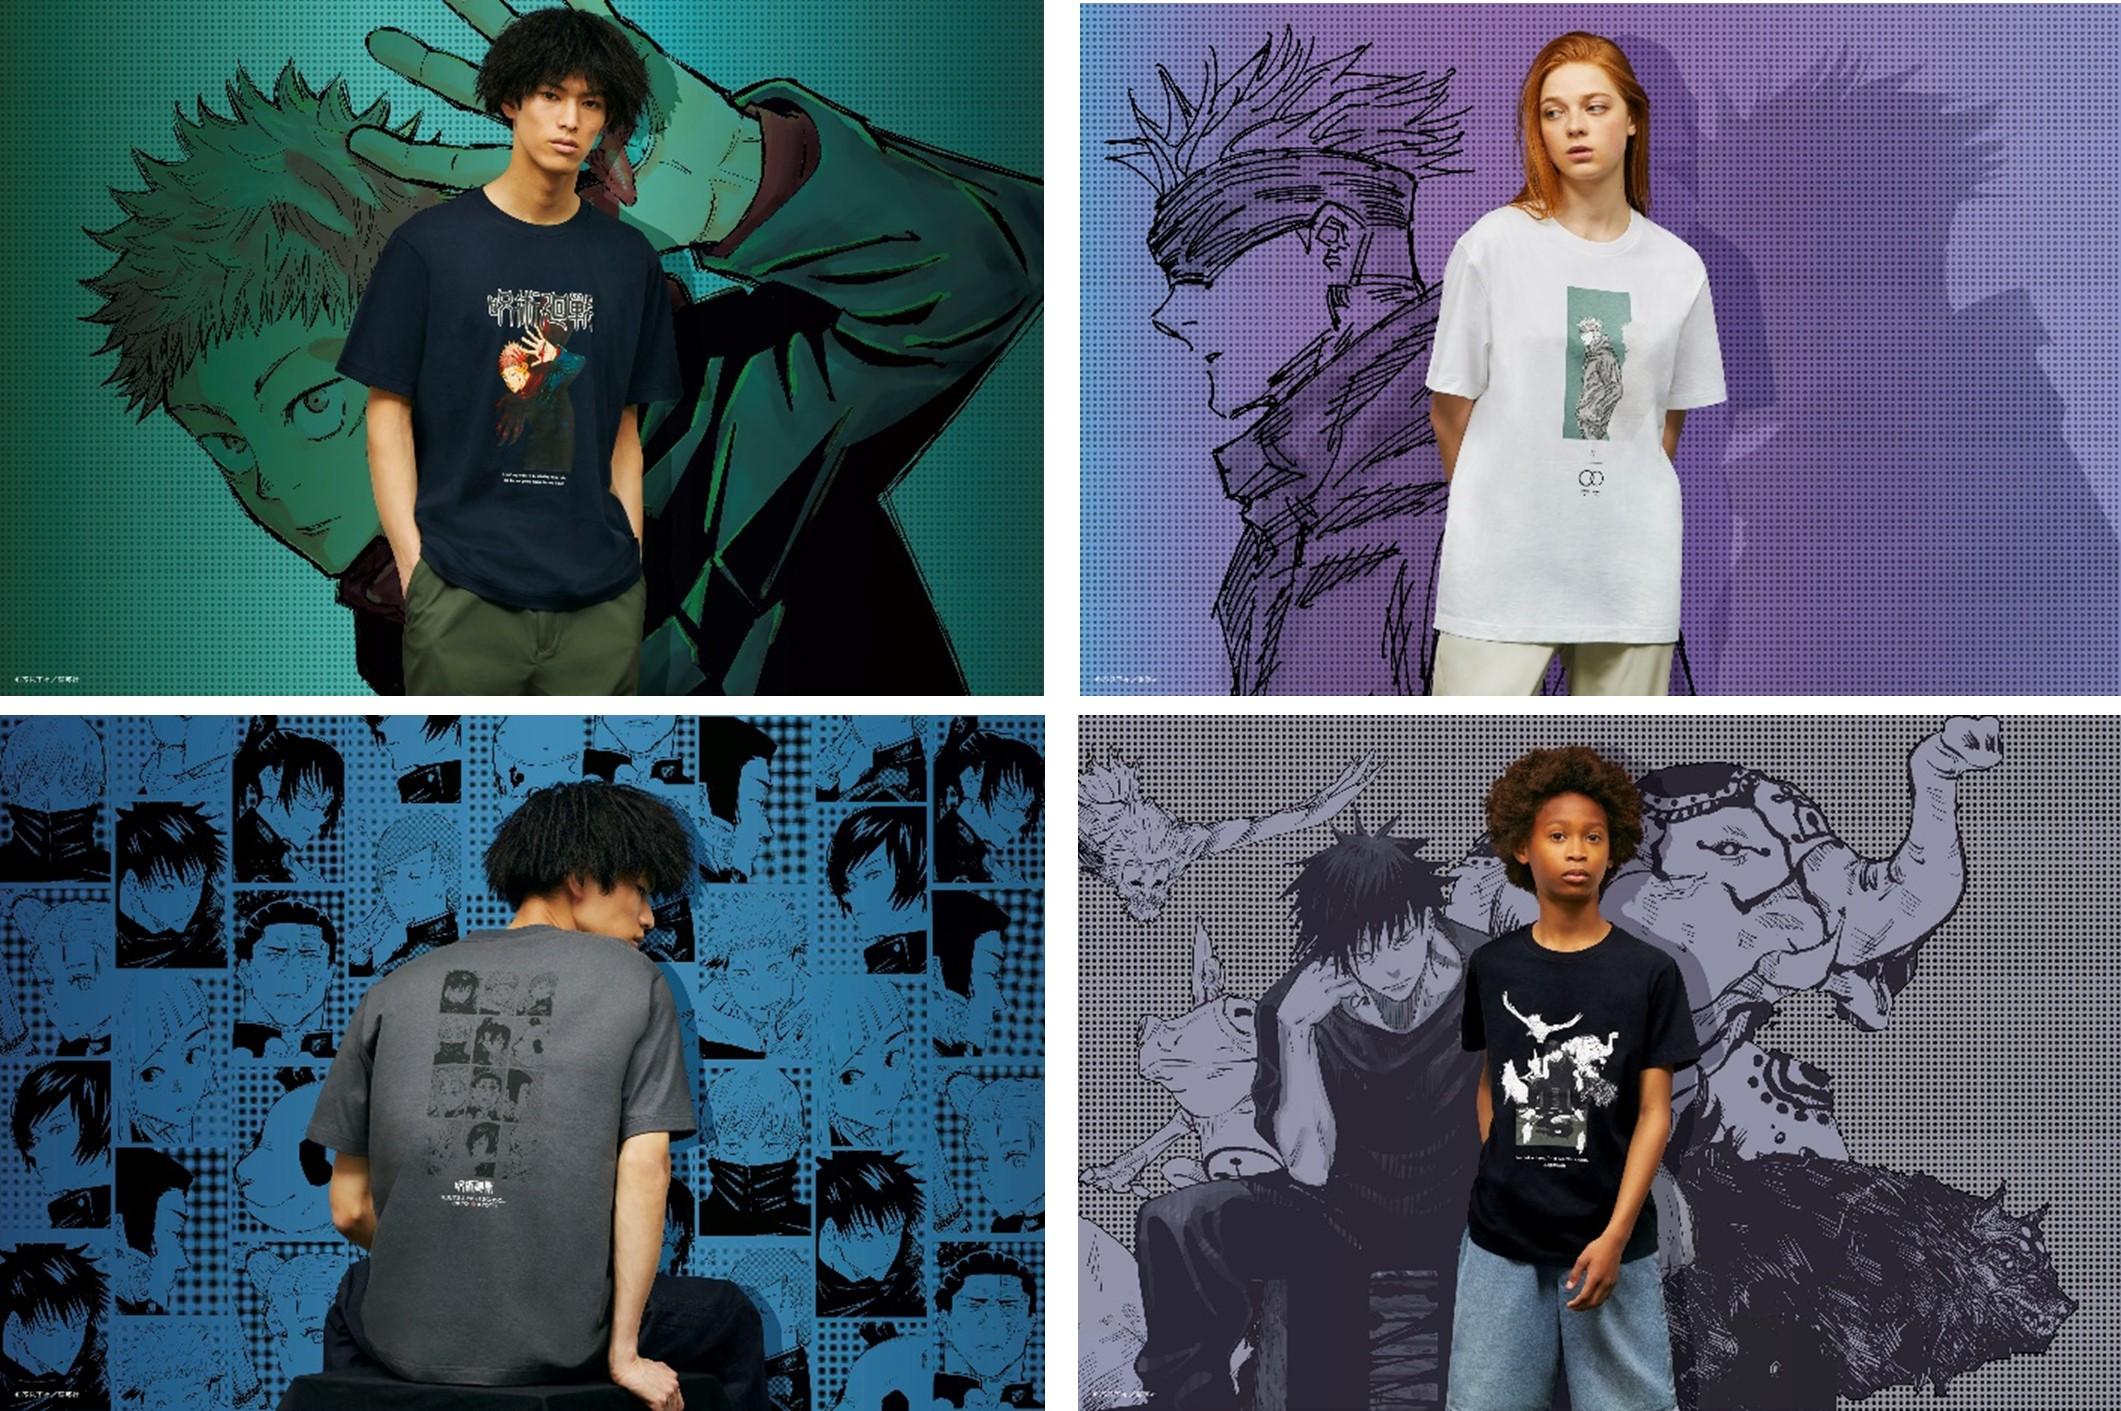 UNIQLO Jujutsu Kaisen T-Shirt Collection 2021